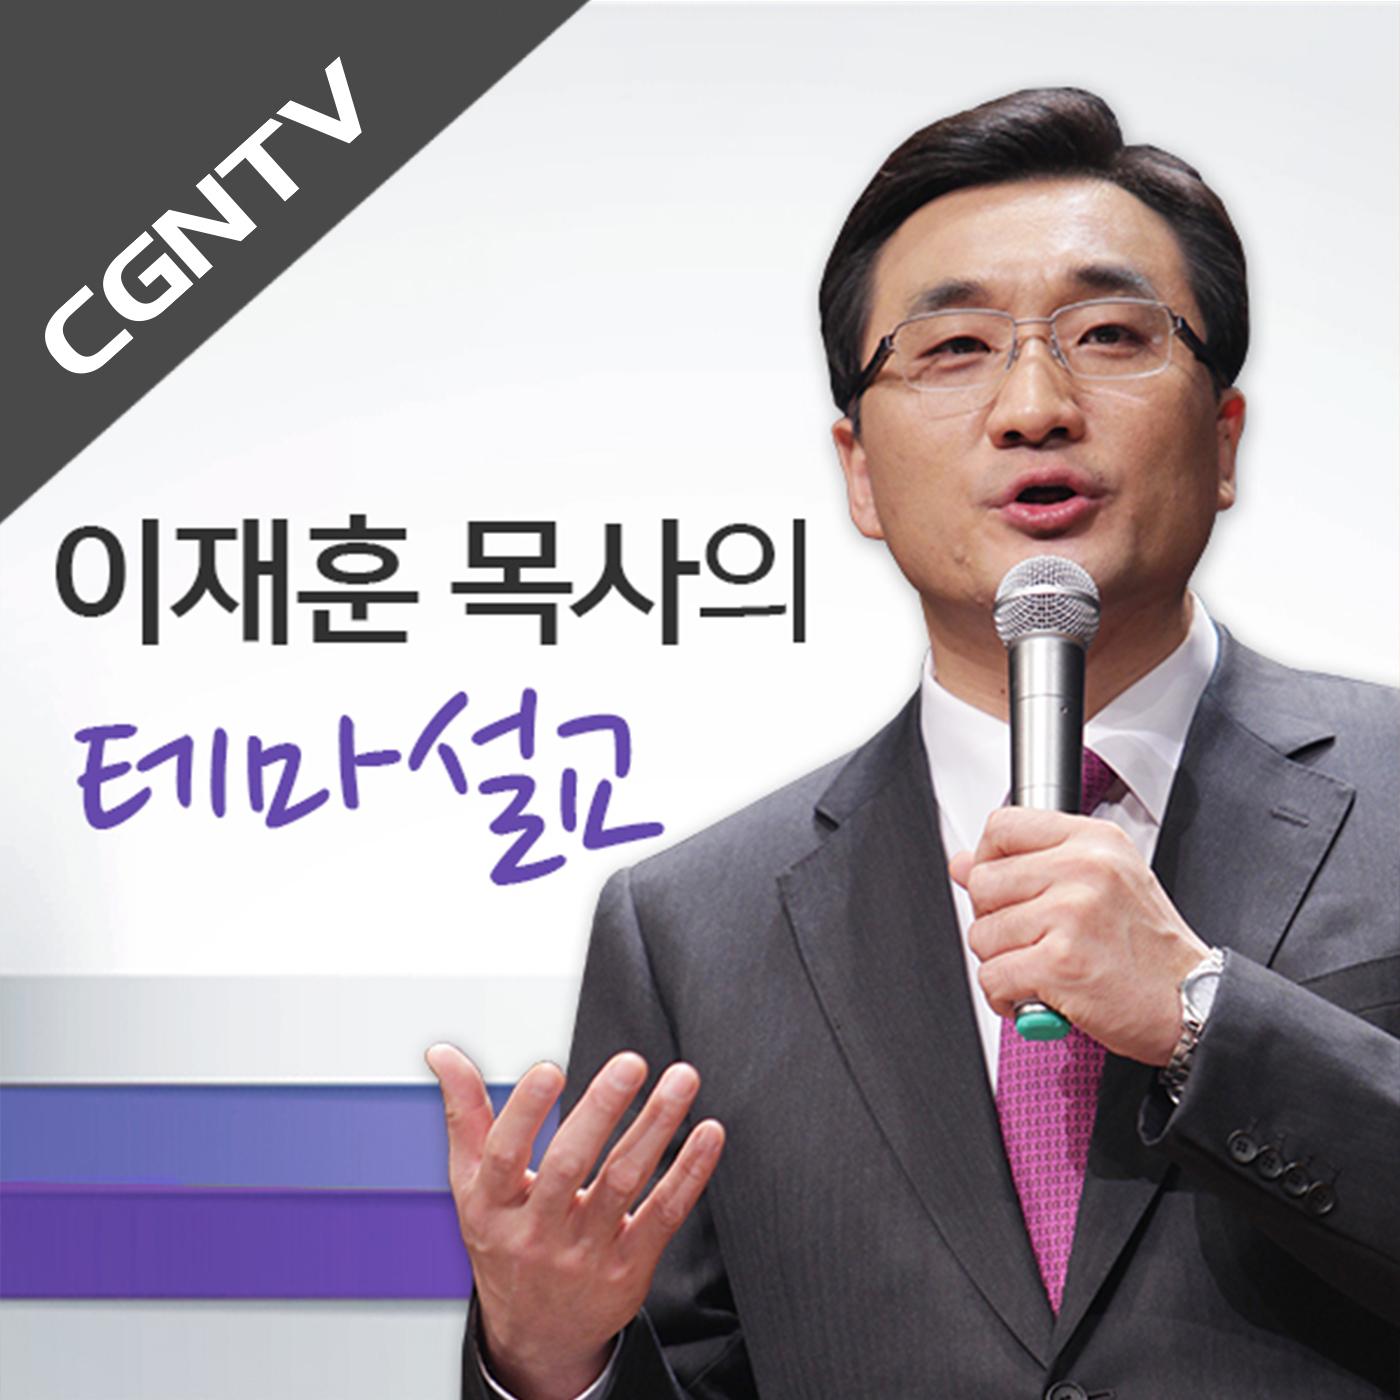 이재훈 목사의 테마 설교 [CGNTV]